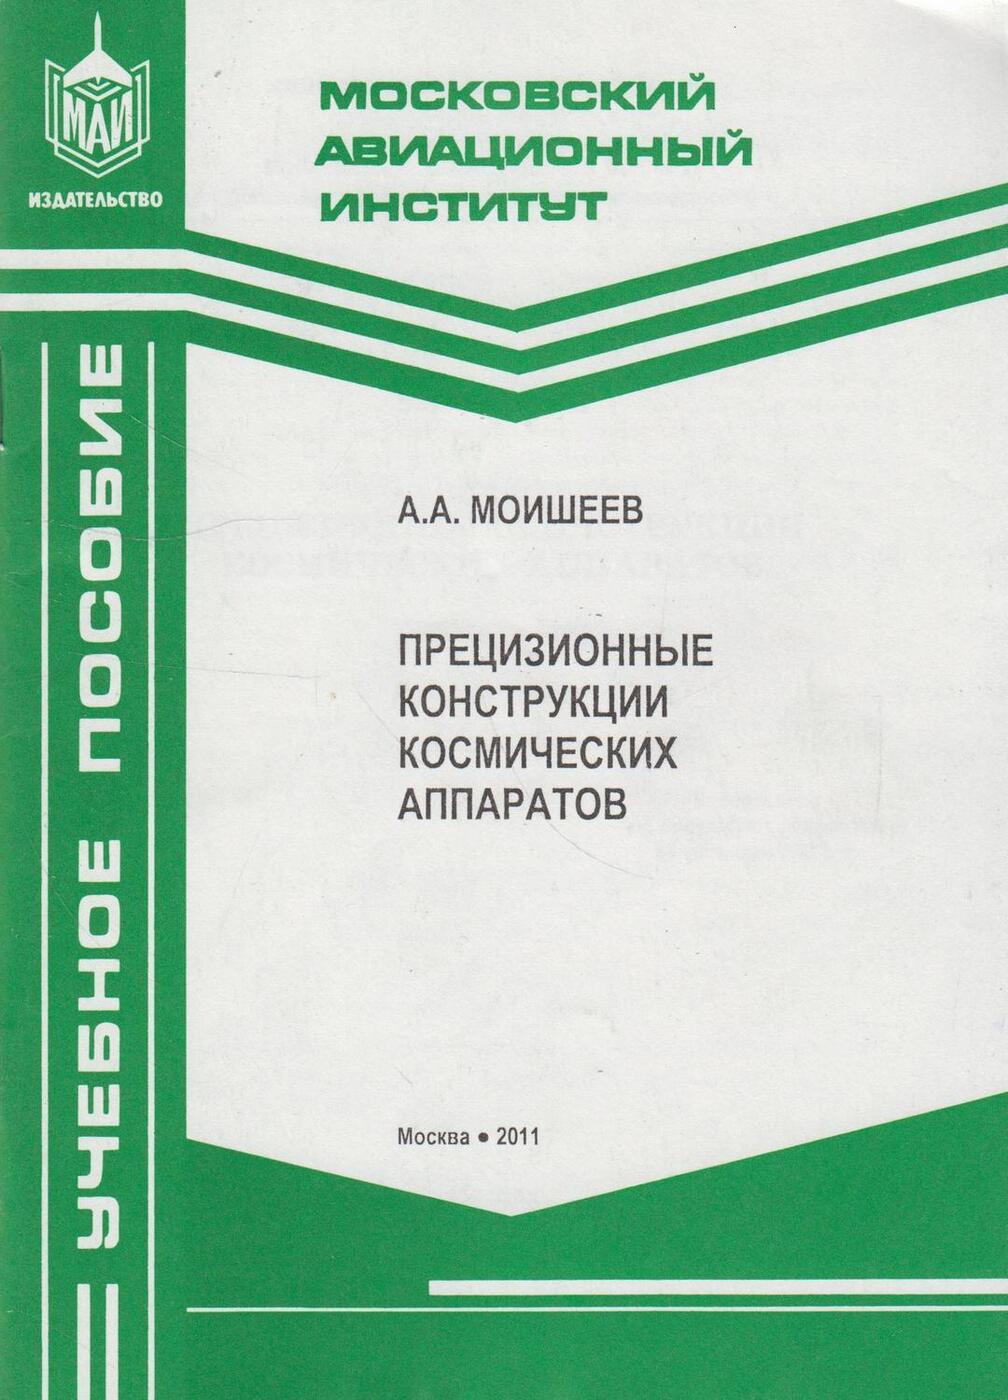 Моишеев А.А.. Прецизионные конструкции космических аппаратов